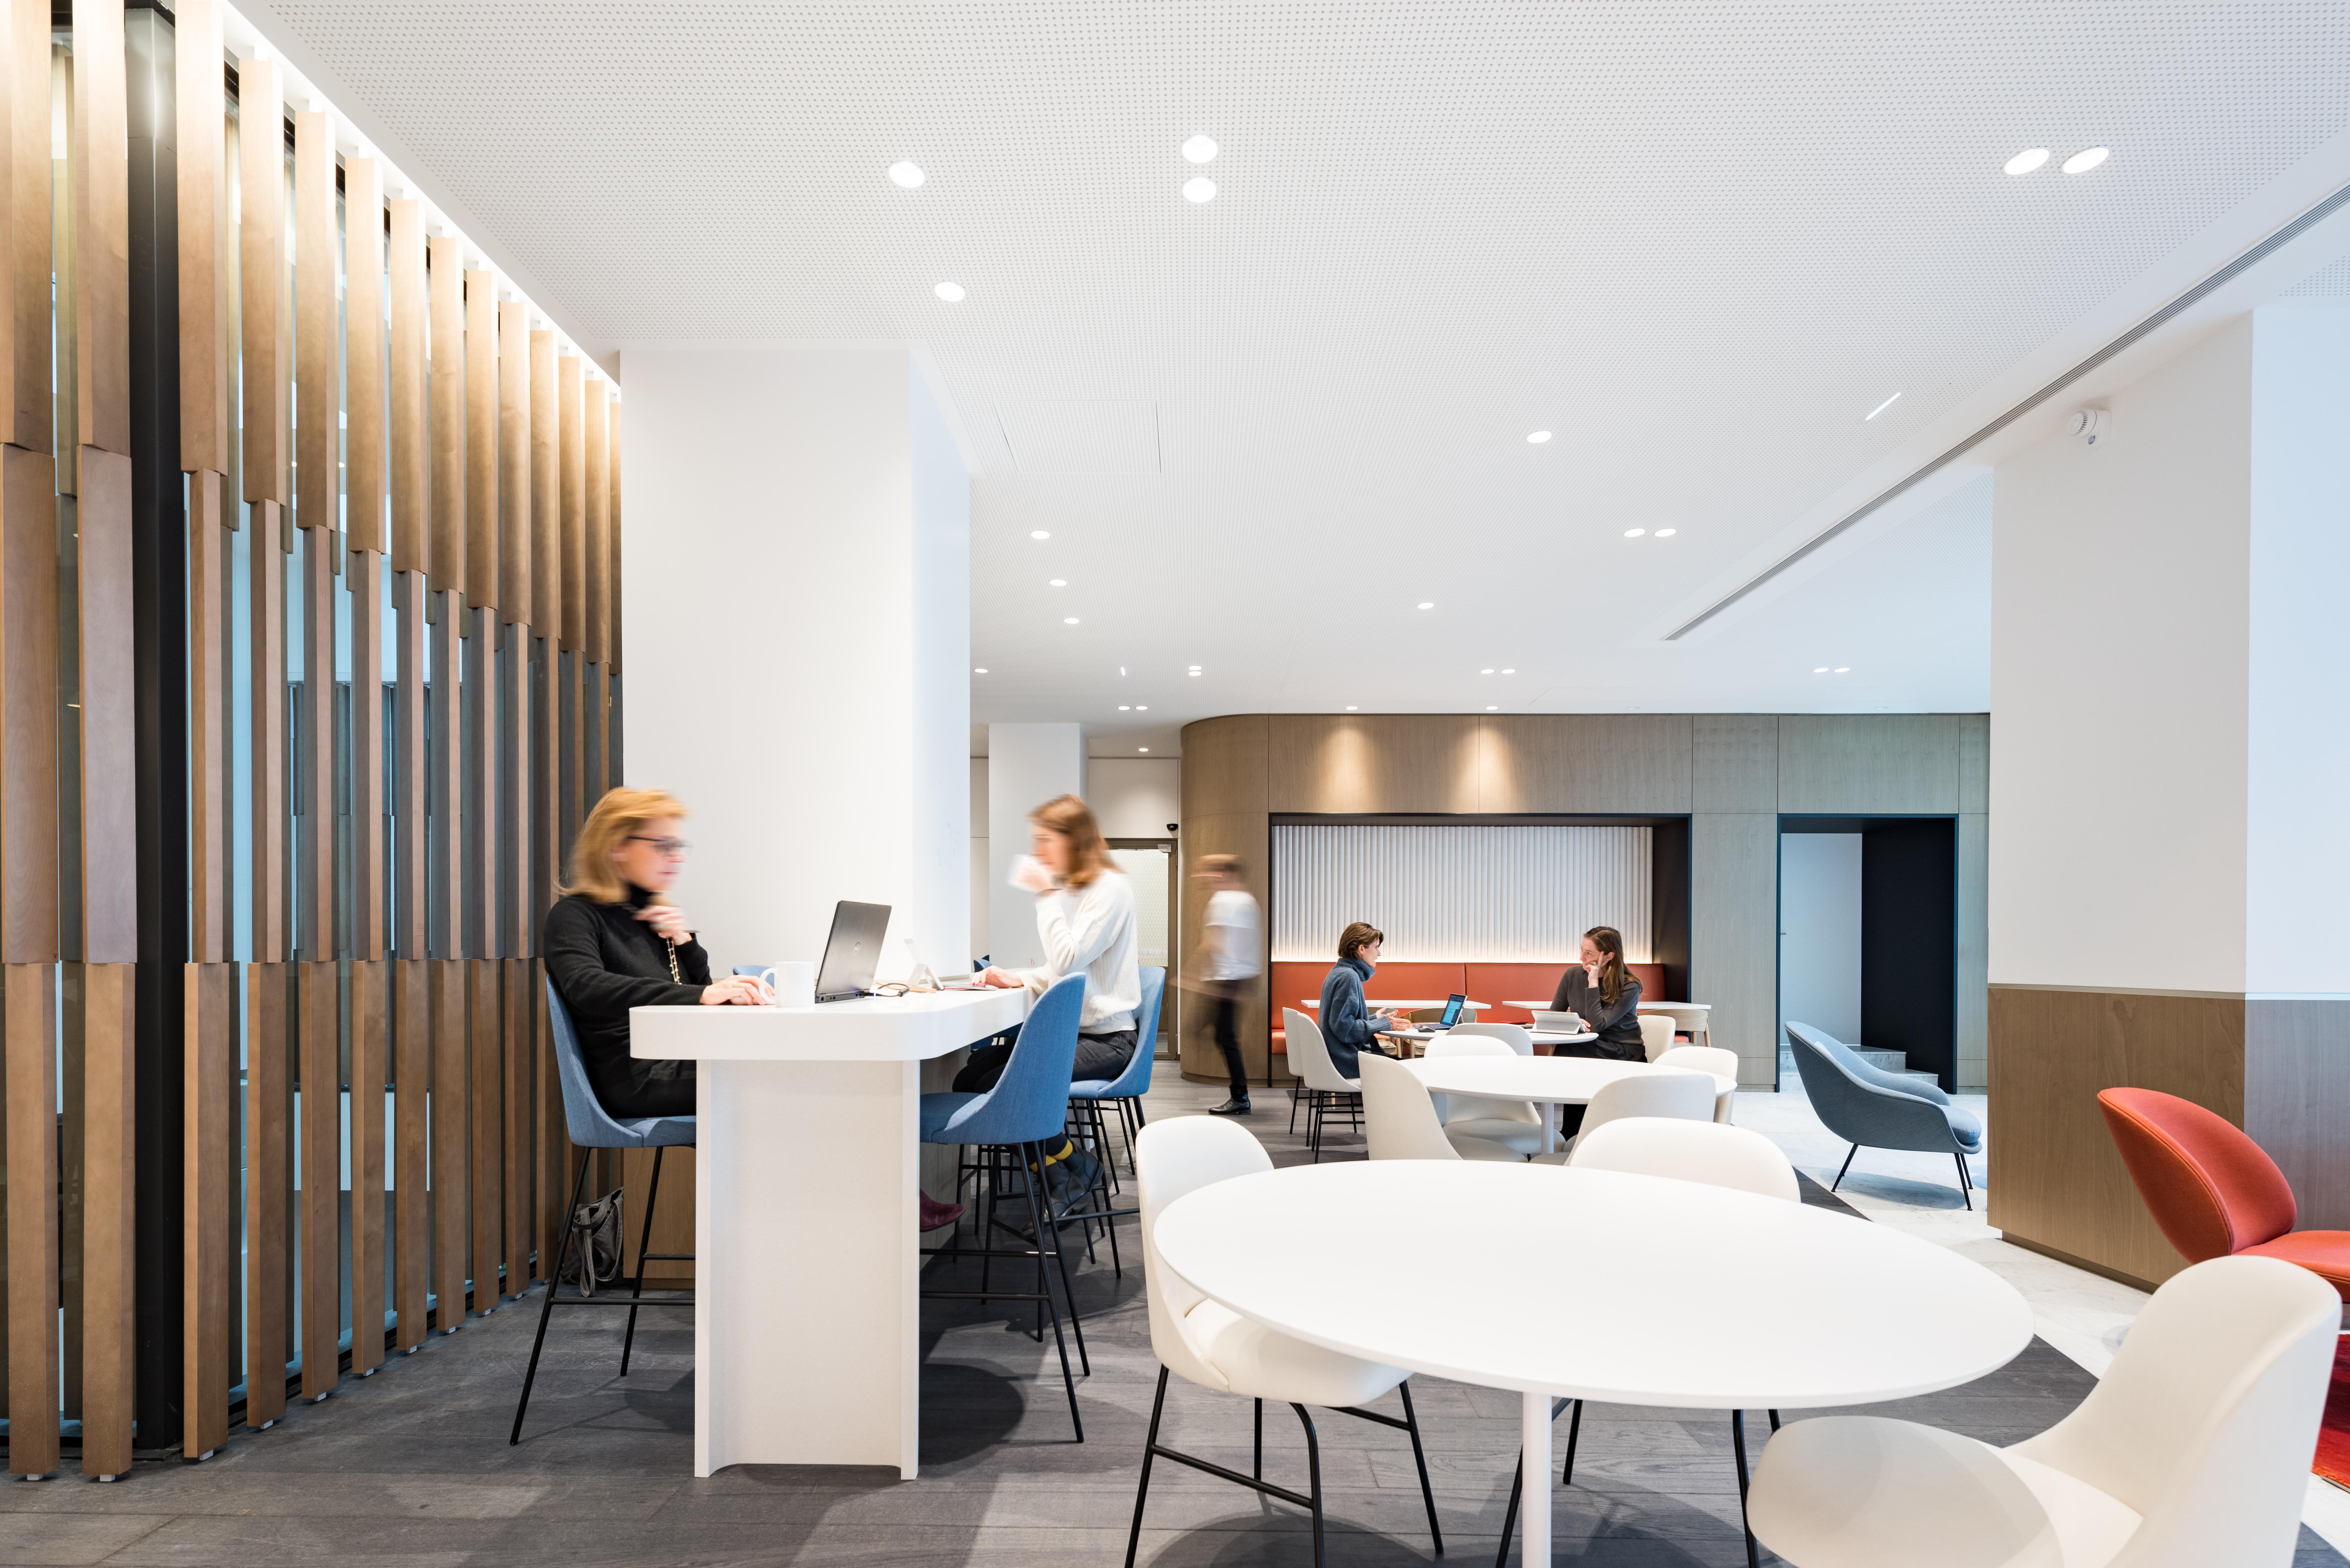 Aménagement d'un espace cafétéria, restauration - Réalisation UNOFI - Paris 1